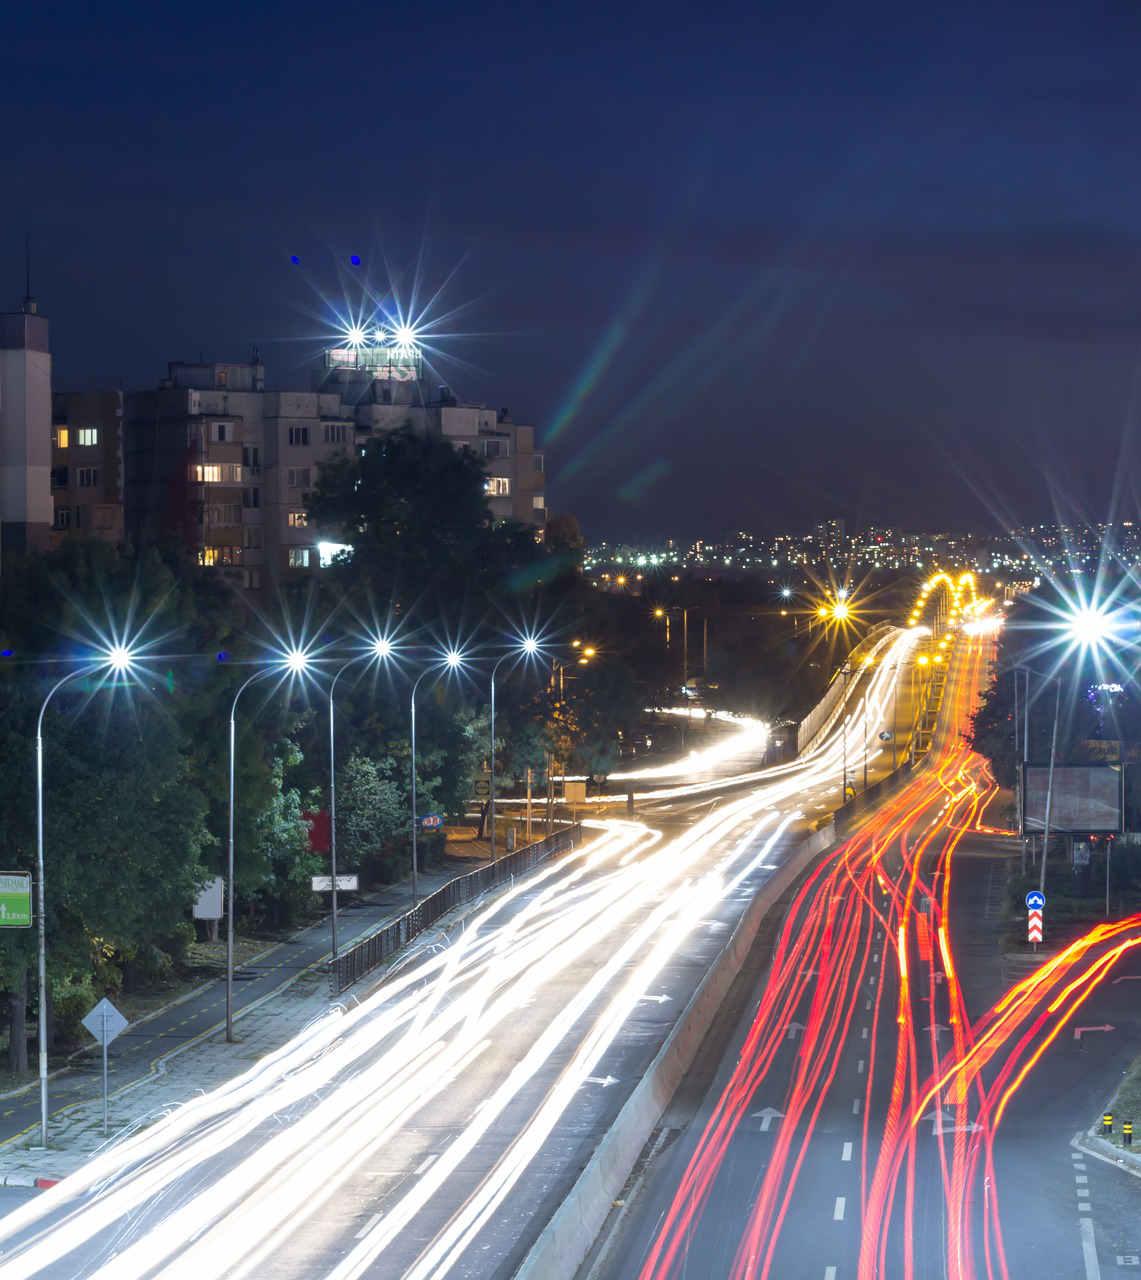 Iluminación de vehículos en carretera por la noche